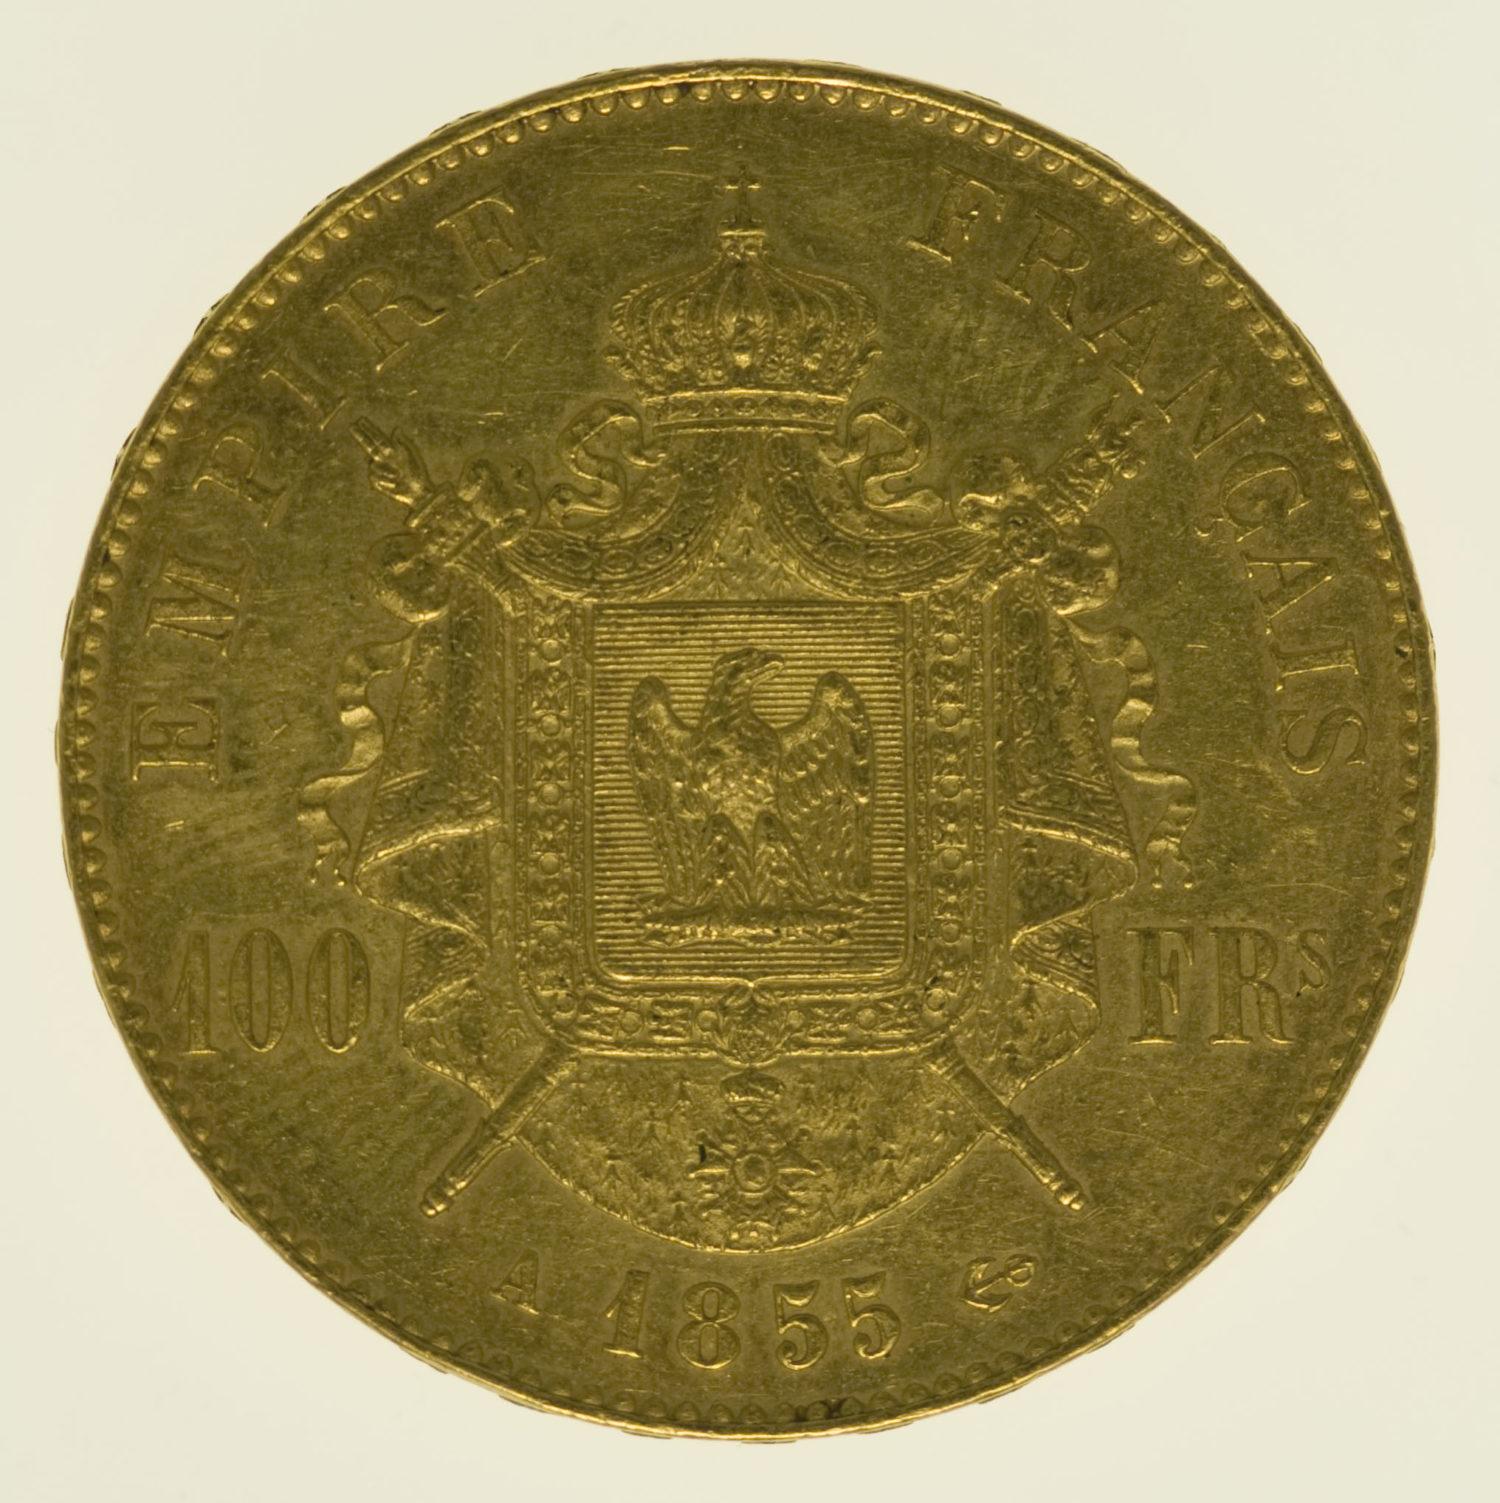 frankreich - Frankreich Napoleon III. 100 Francs 1855 A